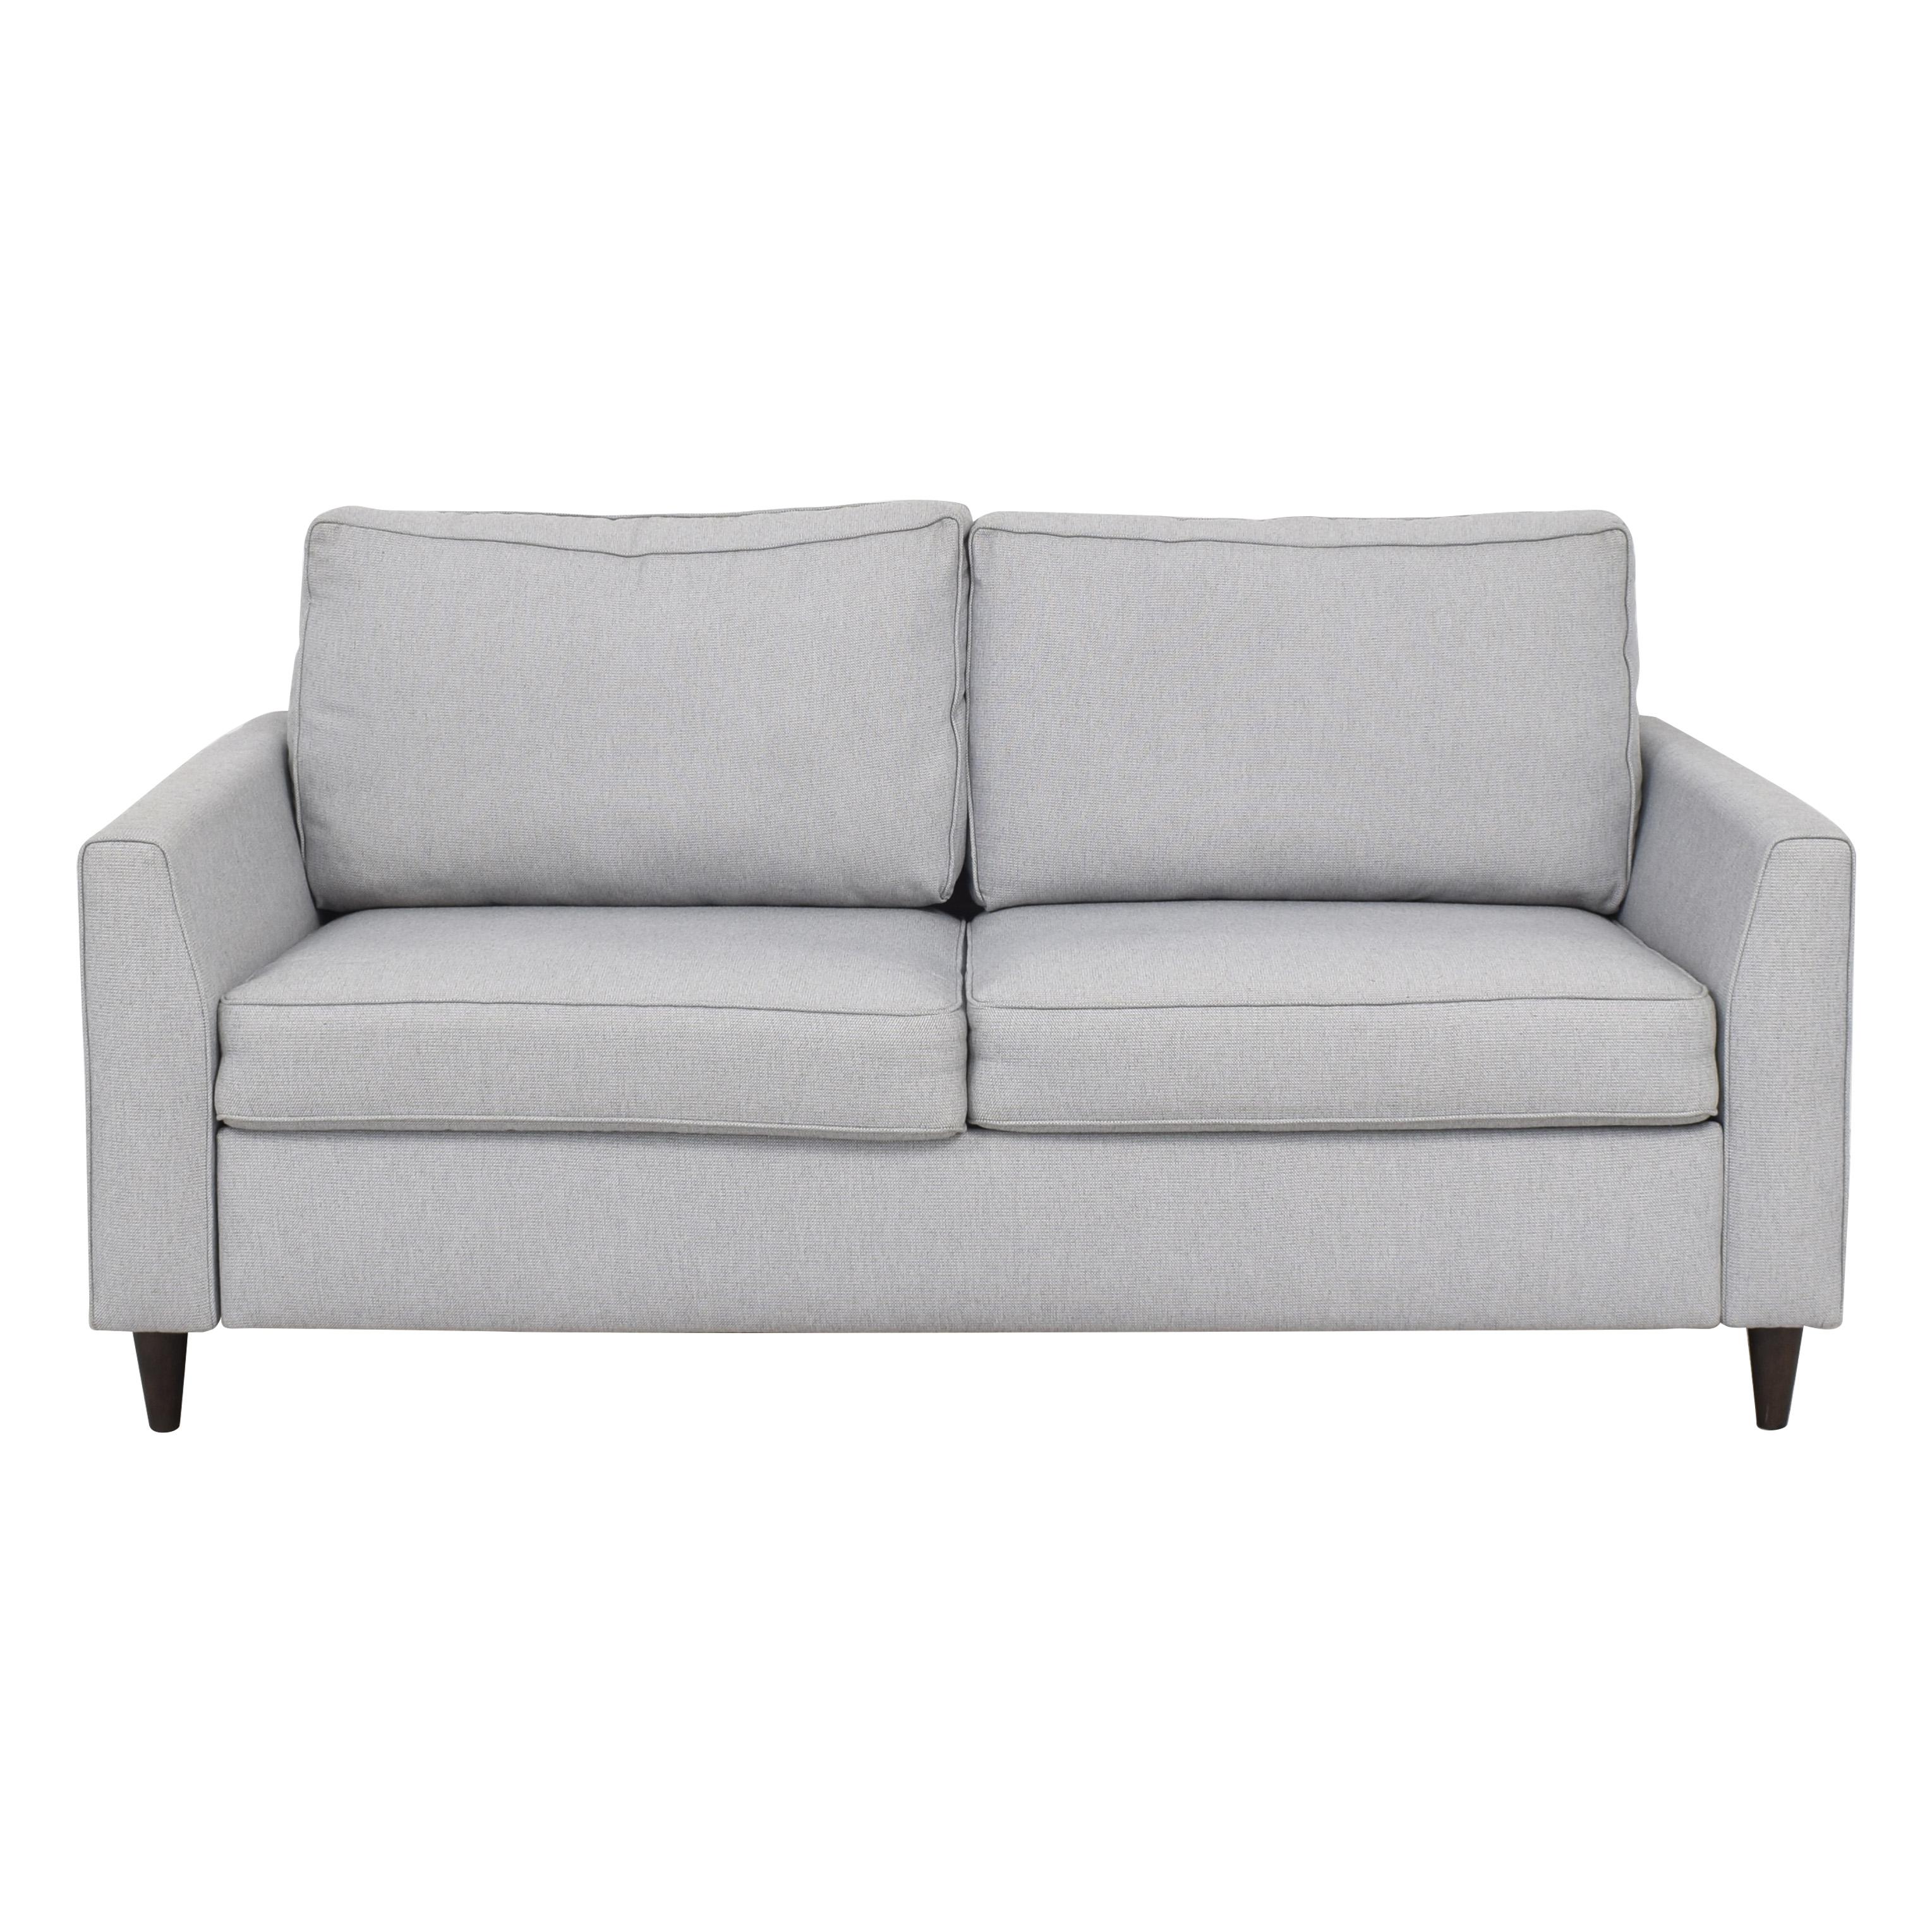 Room & Board Room & Board Berin Sleeper Sofa coupon